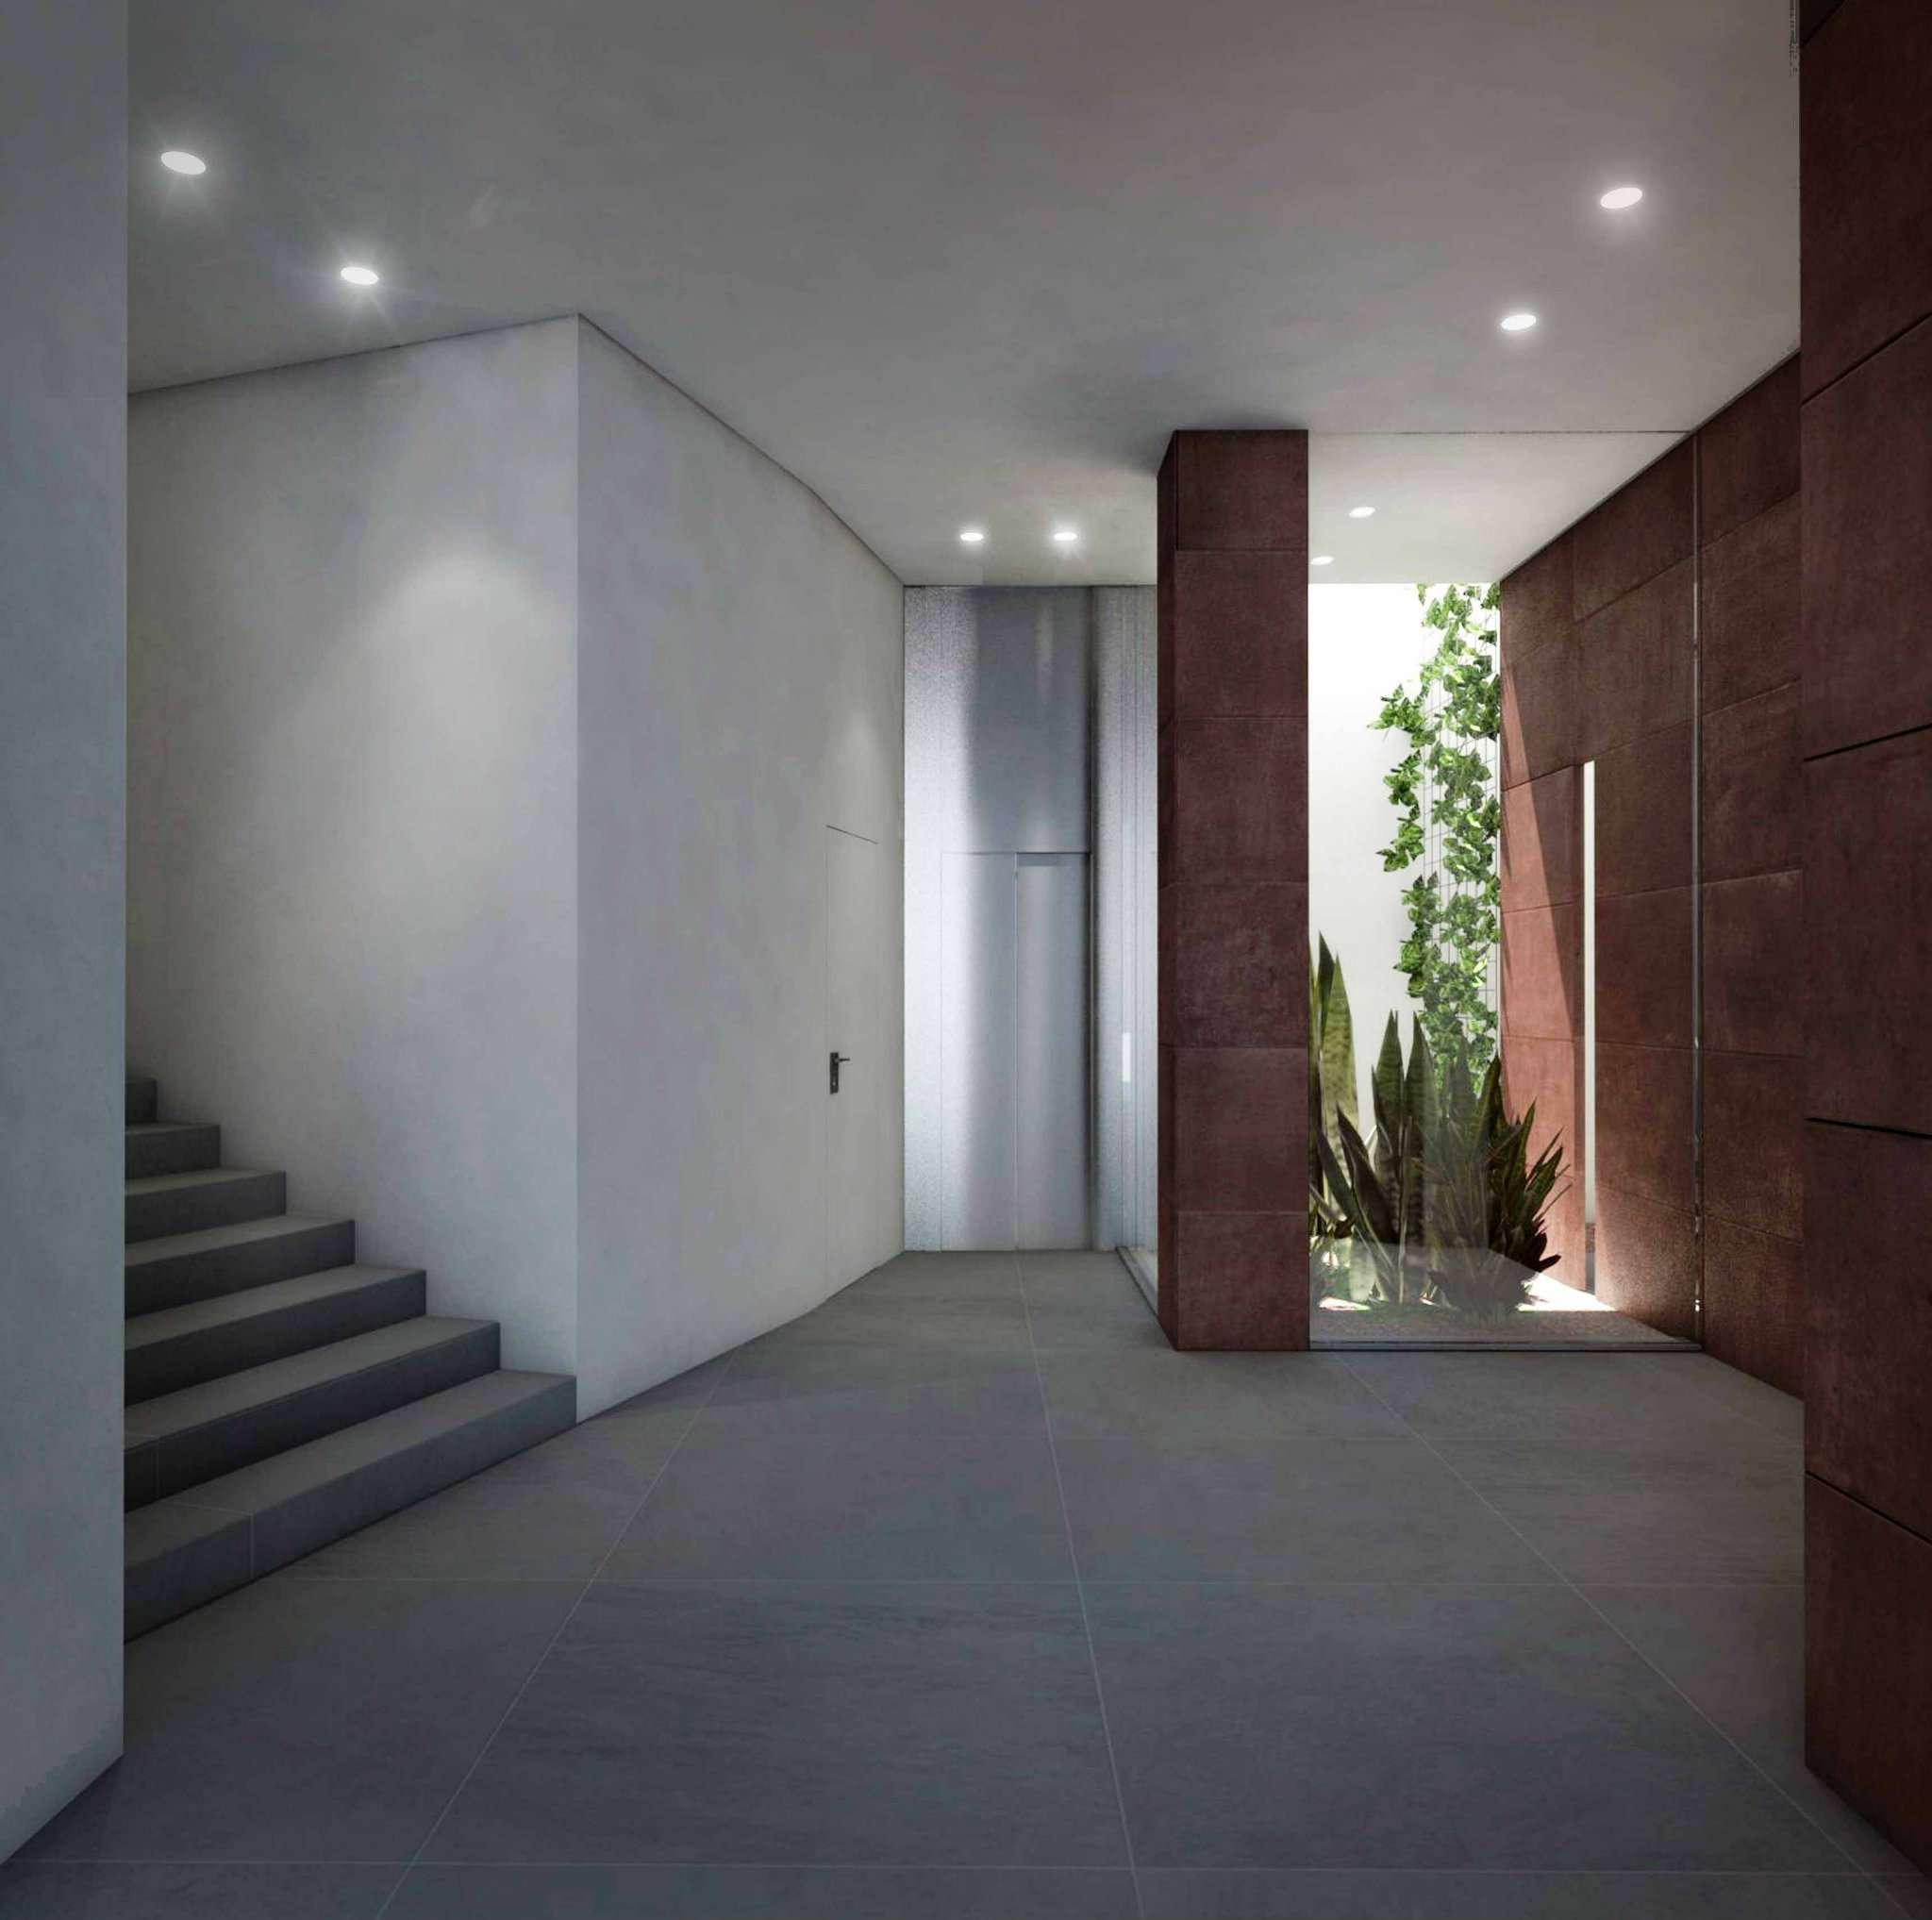 ZONA CROCETTA -  Affittasi In stabile nuovo - appartamento arredato. uso transitorio  Aziendale